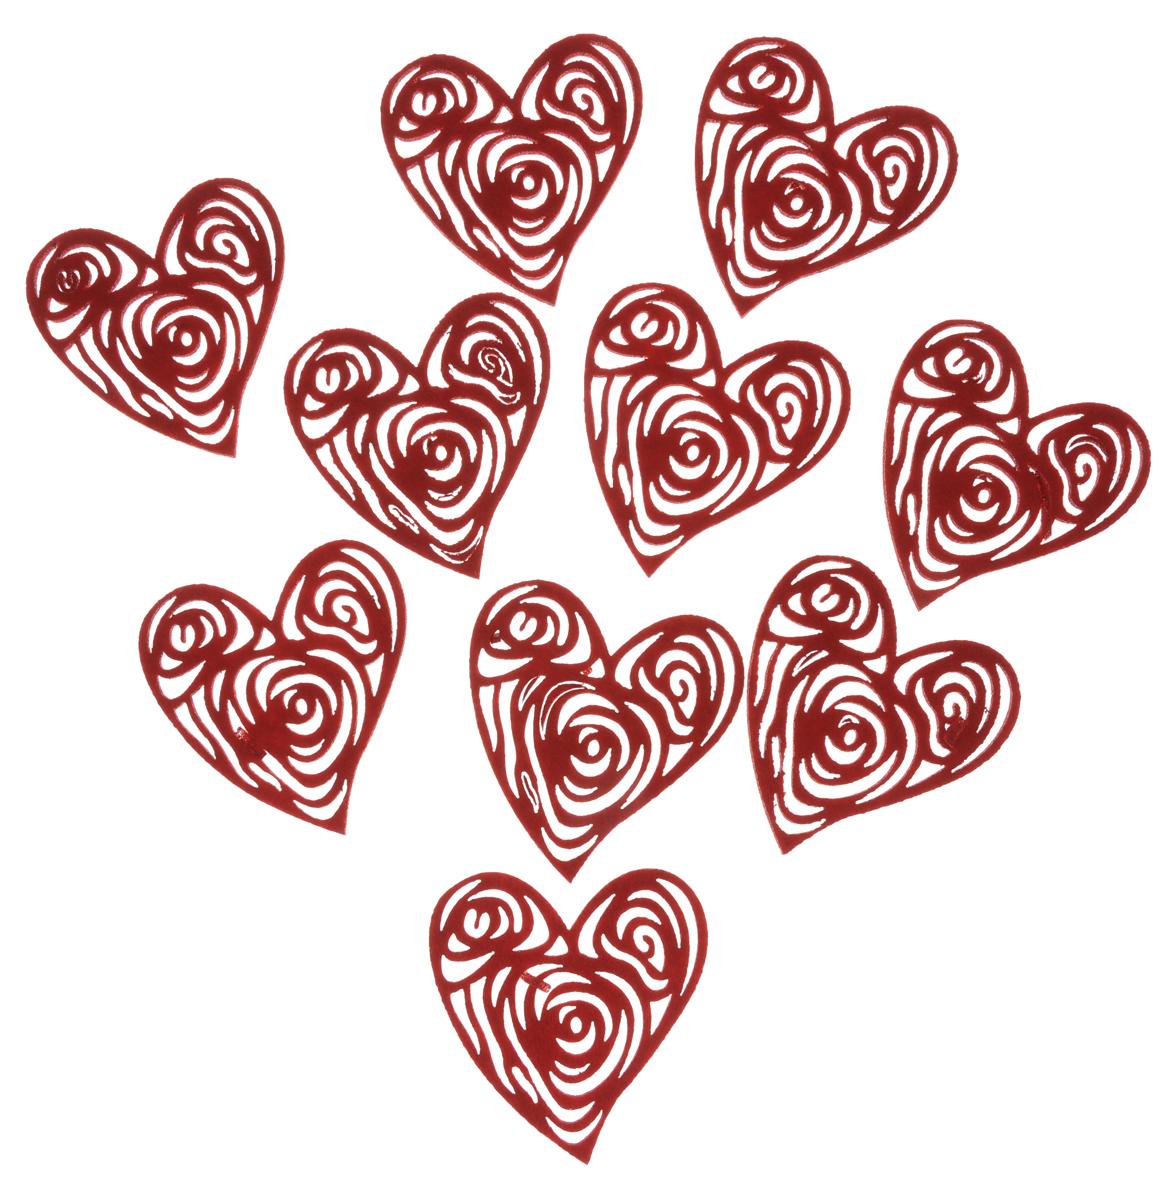 Украшение декоративное RTO Сердечки, 10 штHCQ05-1240Оригинальное украшение RTO Сердечки, изготовленное из фетра, предназначено не только для оформления интерьера, но так же с помощью него можно создать отдельное декоративное изделие. Украшение сделано в форме сердца. Декоративное украшение послужит приятным и полезным сувениром для близких и знакомых и, несомненно, доставит массу положительных эмоций своему обладателю. Размер декоративного элемента: 9 х 8 см.